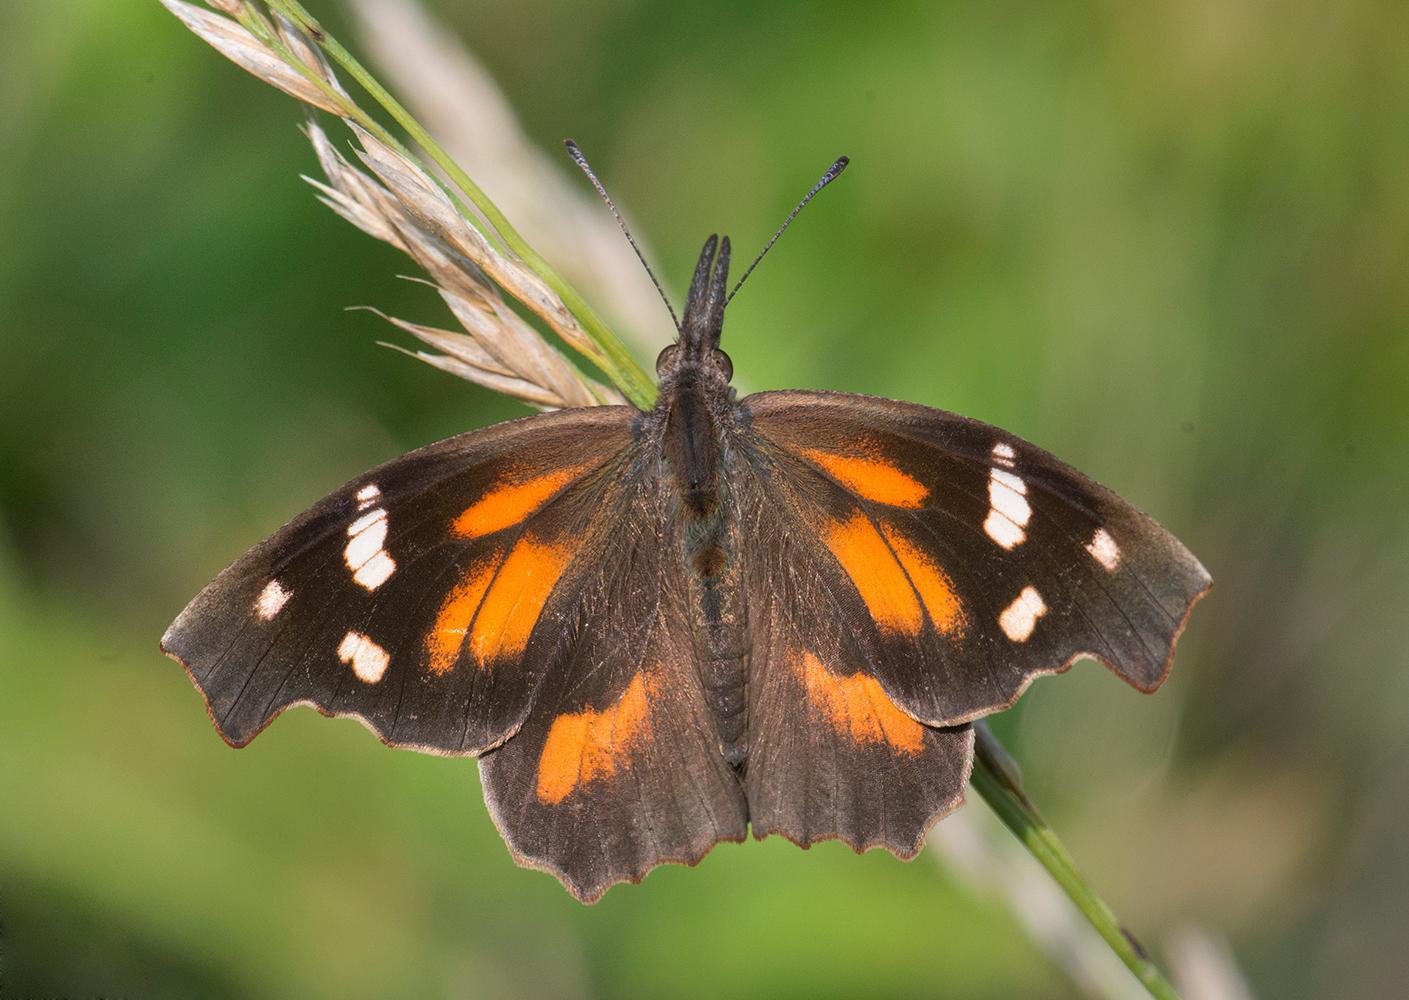 American Snout - Alabama Butterfly Atlas